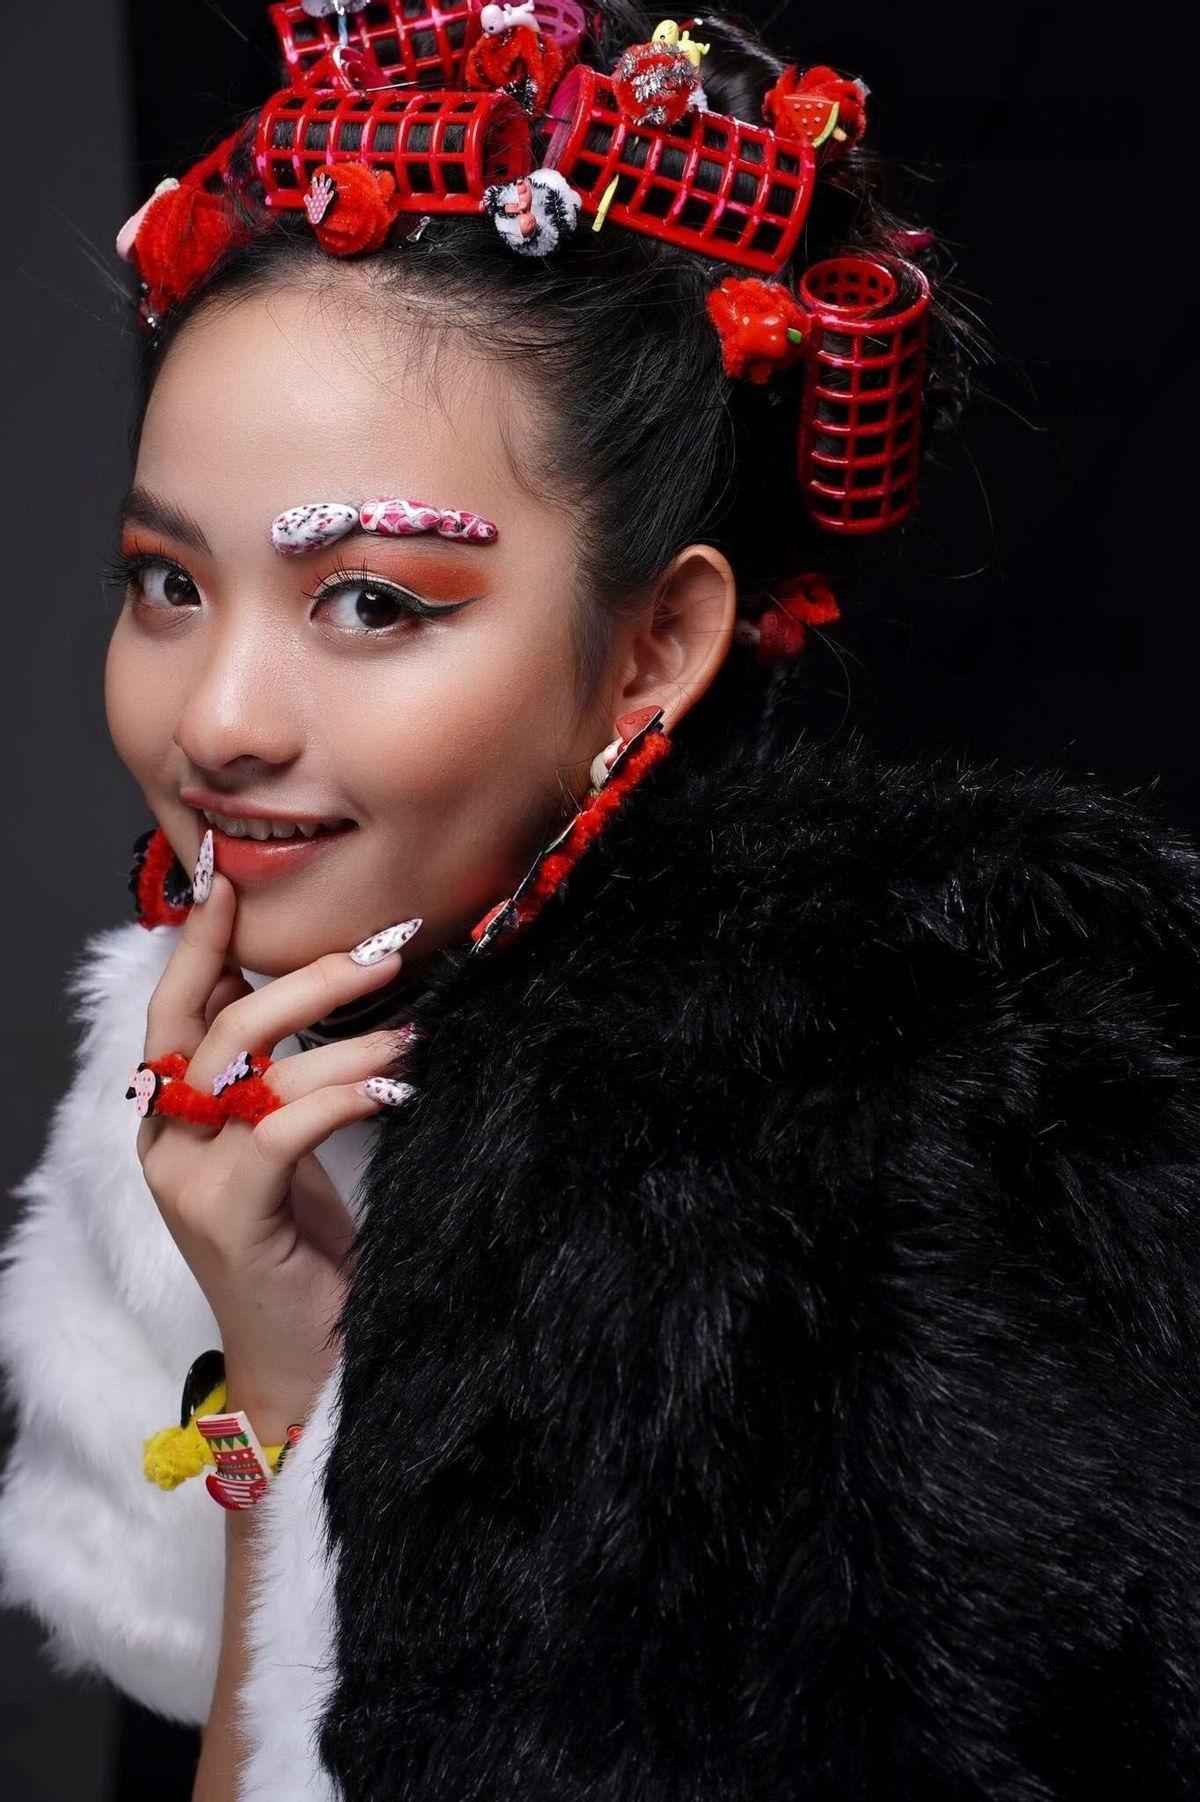 Mẫu nhí Nguyễn Ngọc Khánh Phương khoe thần thái 'đỉnh cao' trong bộ ảnh mới Ảnh 1